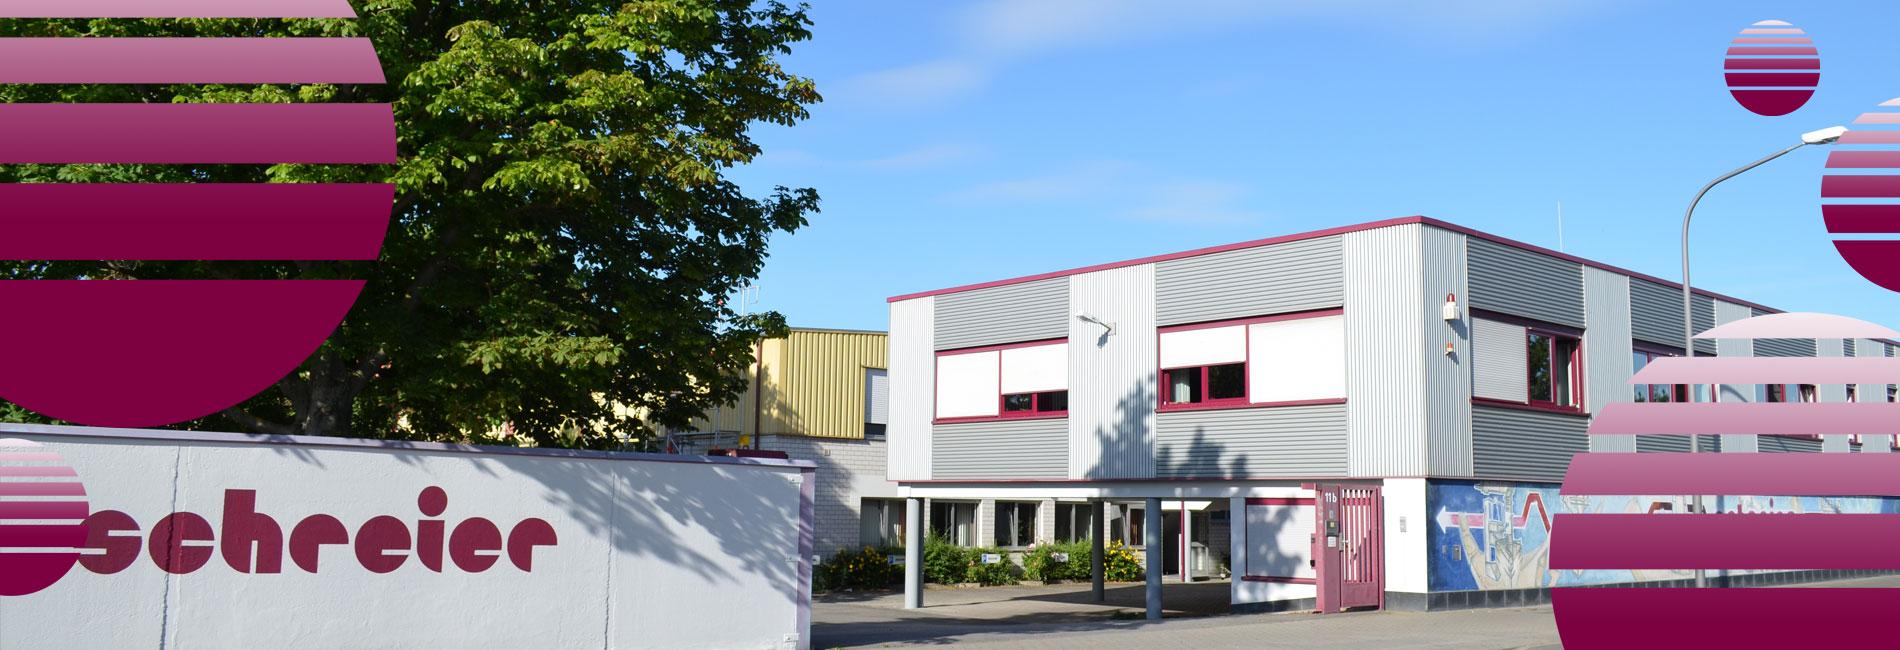 Company Schreier Headquarter